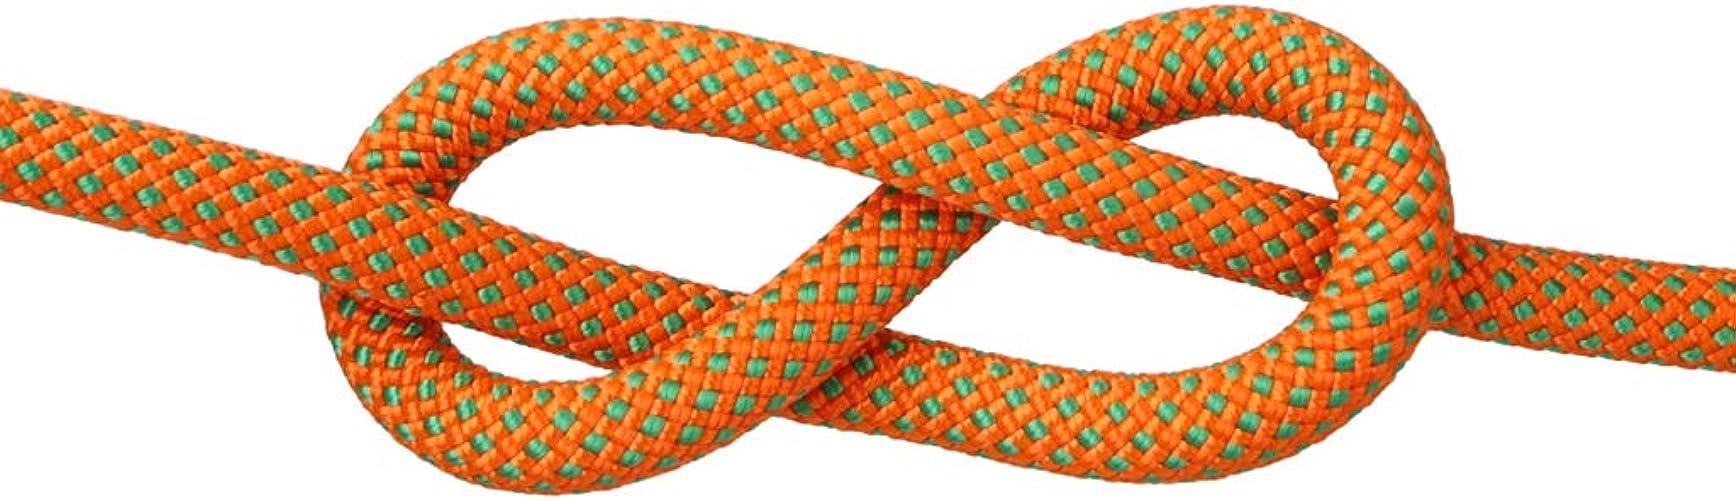 QARYYQ Corde d'escalade Corde d'escalade de Sauvetage Corde de Chute de Corde Spider-Man Vitesse différentes Tailles de Couleur en Option Cordes (Couleur   B, Taille   10.5mm 30m)